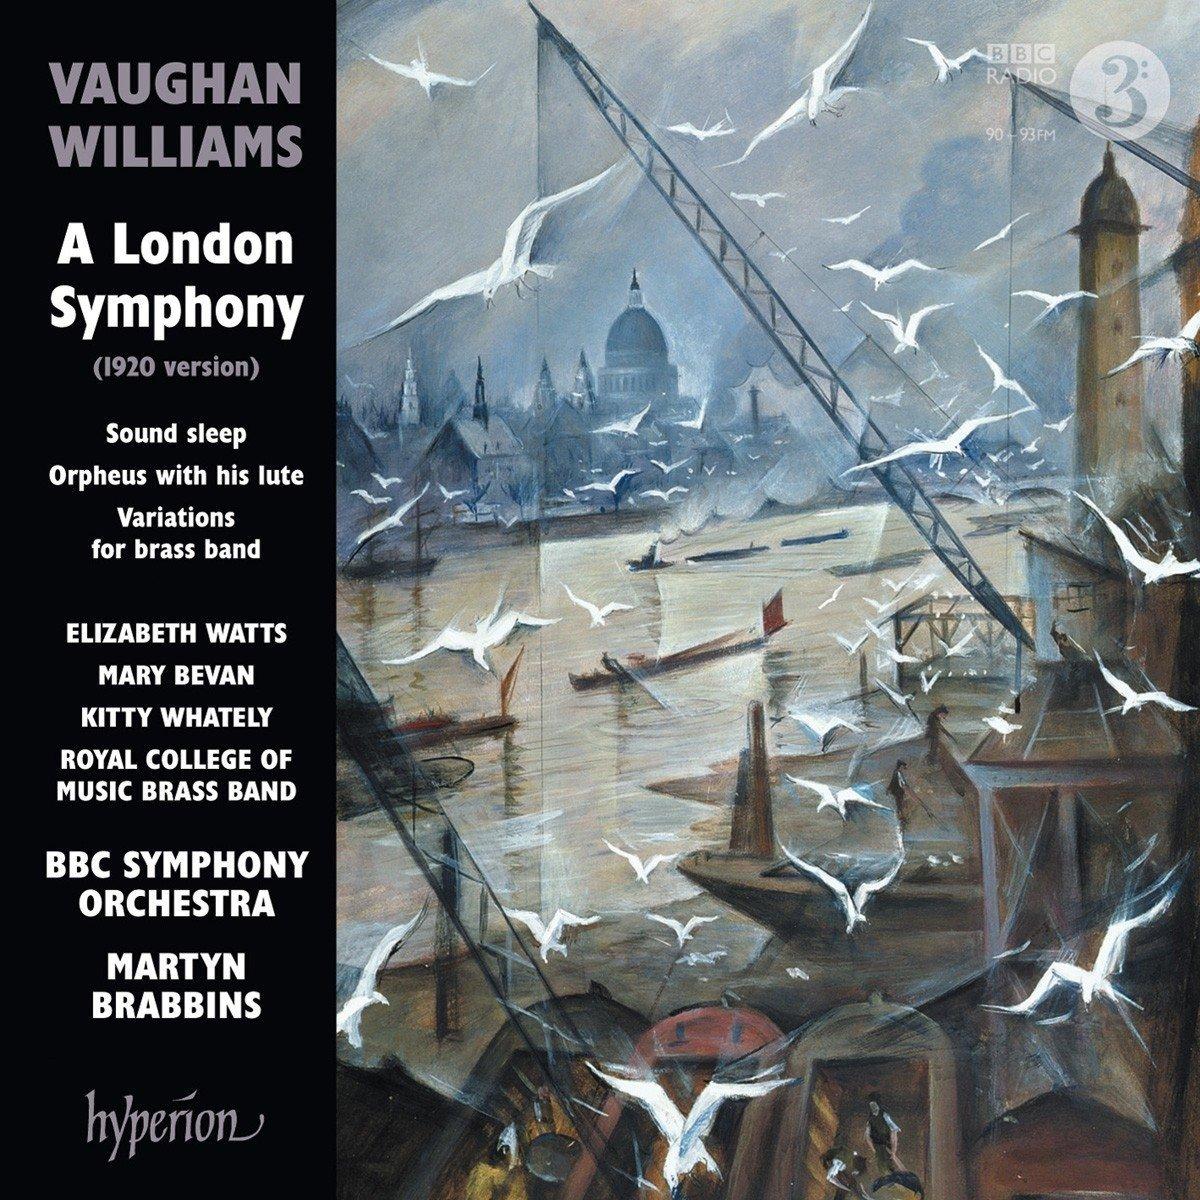 A London Symphony, Hyperion